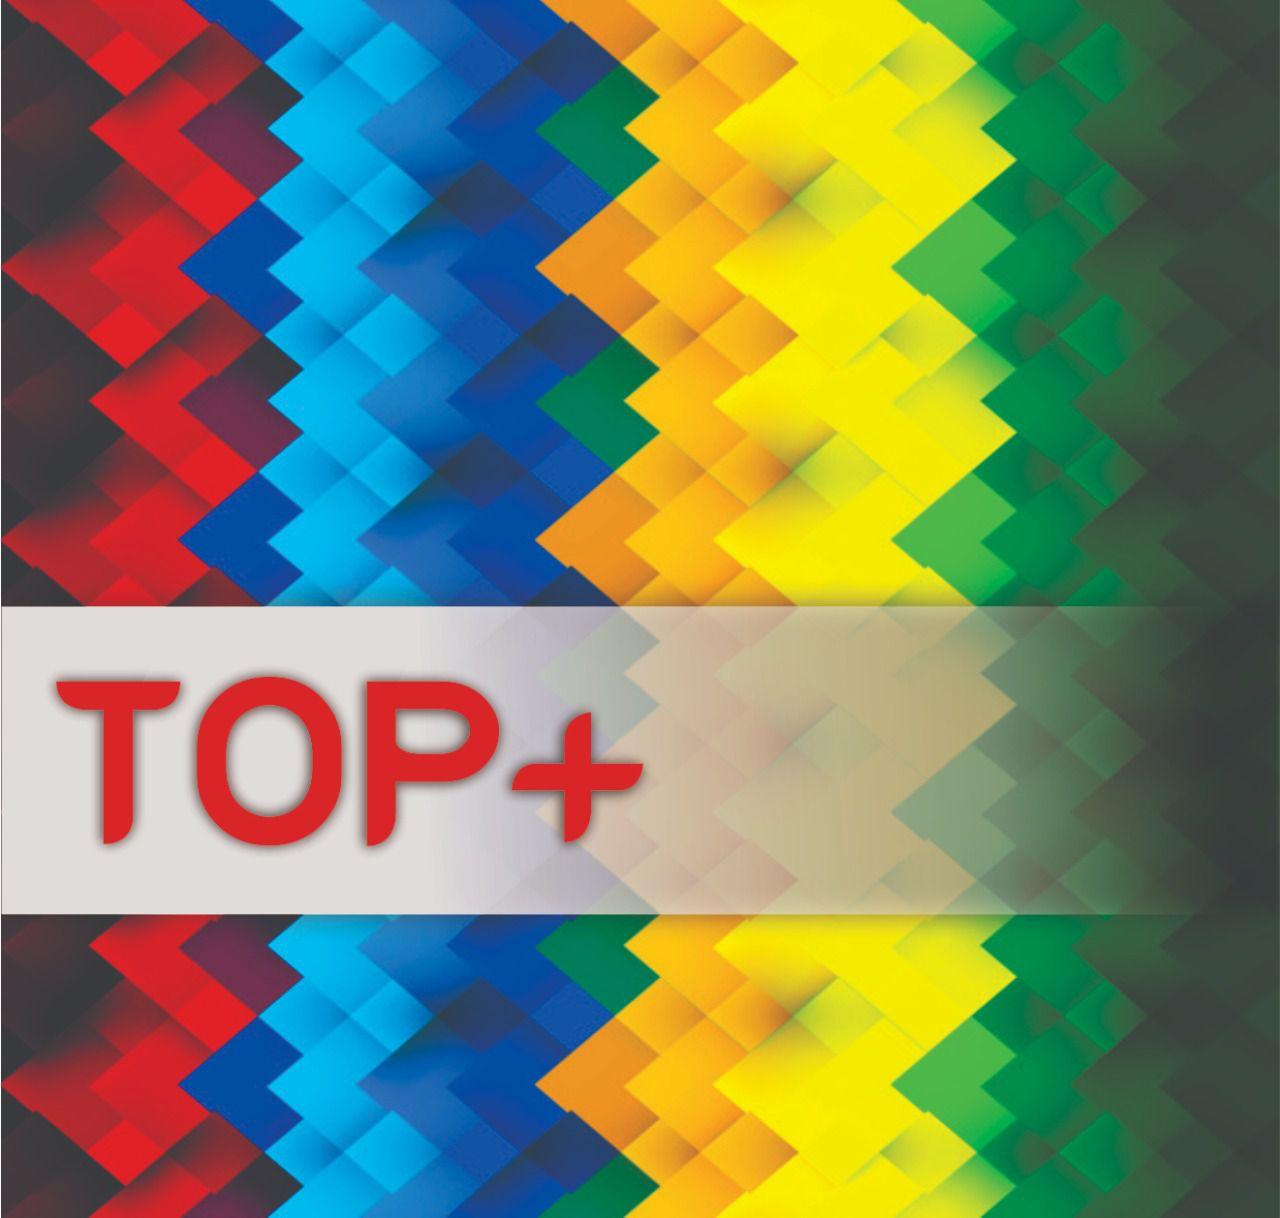 Placa Microporosa Top+ - 1,60m x 1m x 15mm - UNIDADE  - INBOP - Indústria de Borrachas e Polímeros